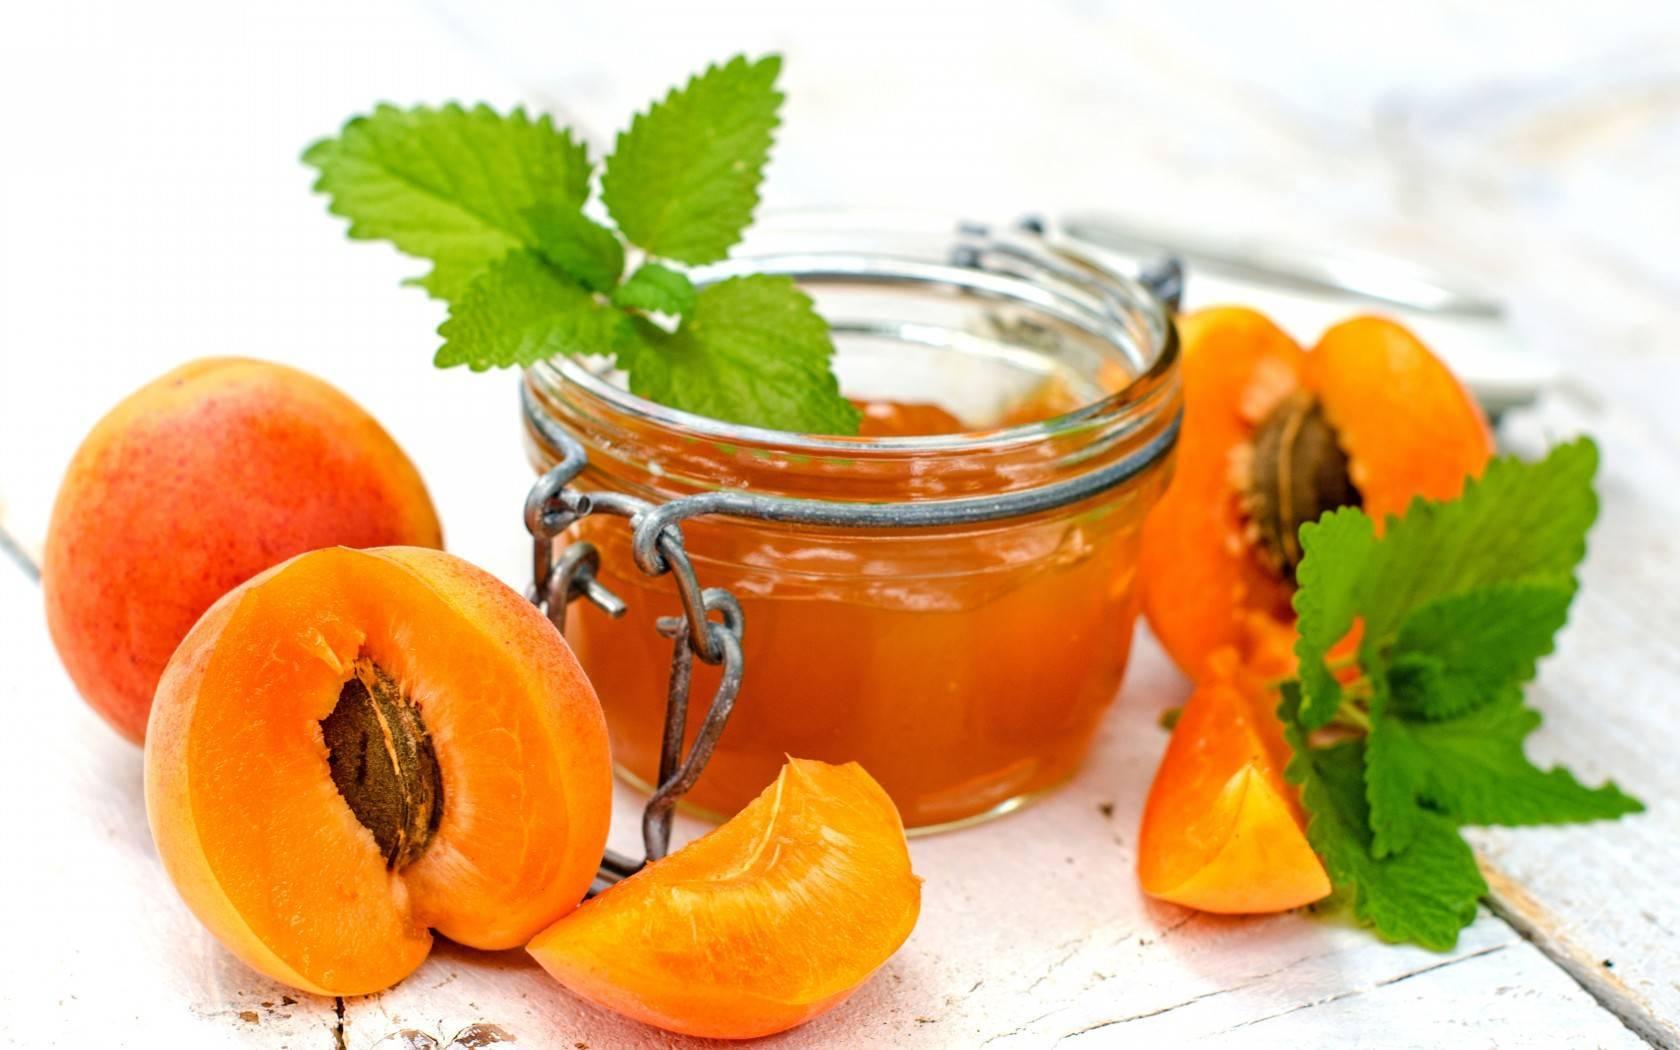 Варенье из абрикосов: 8 рецептов королевского варенья на зиму